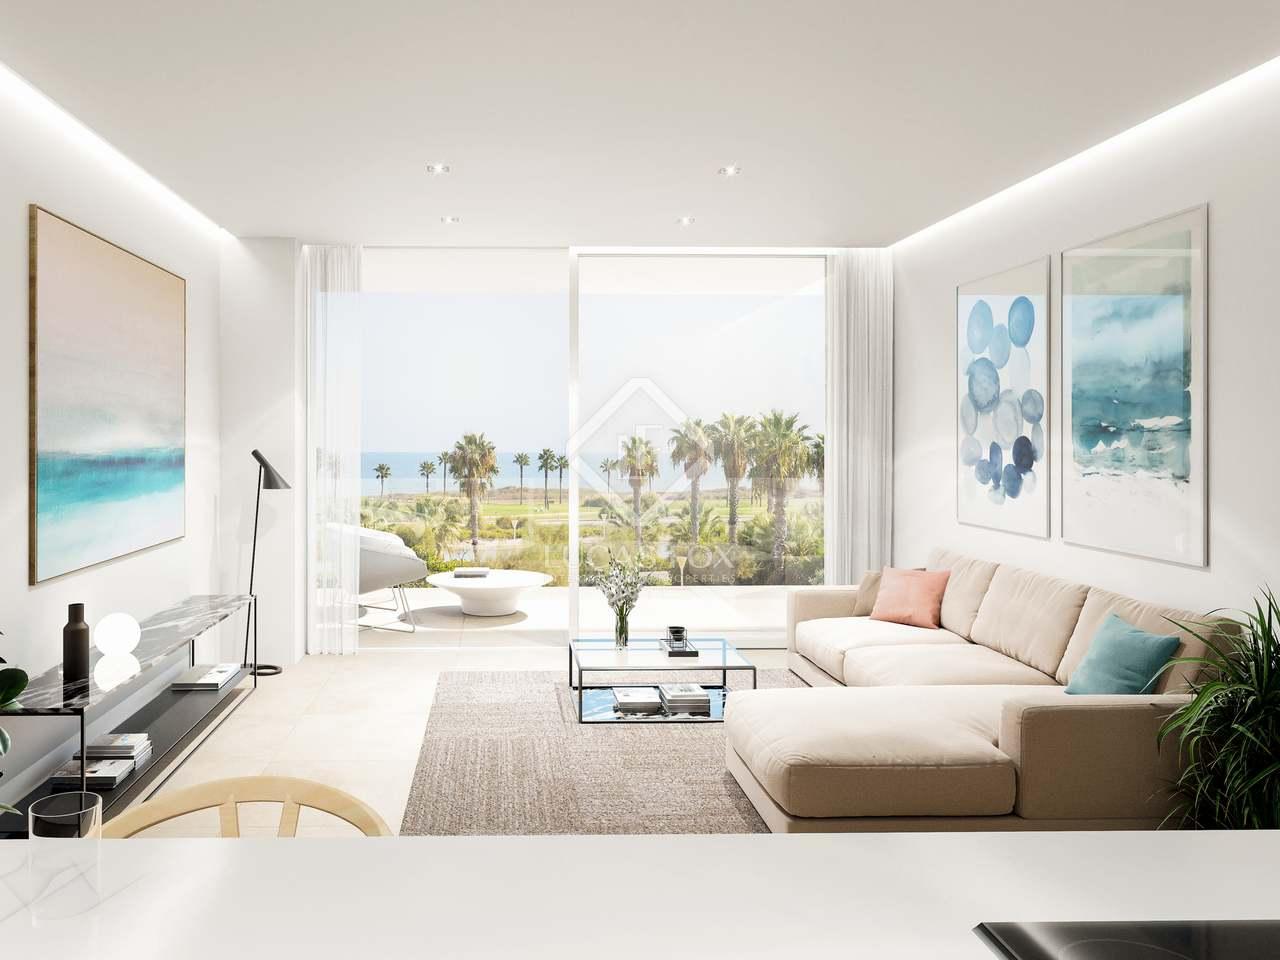 costa infinity: new development in cádiz / jerez - lucas fox